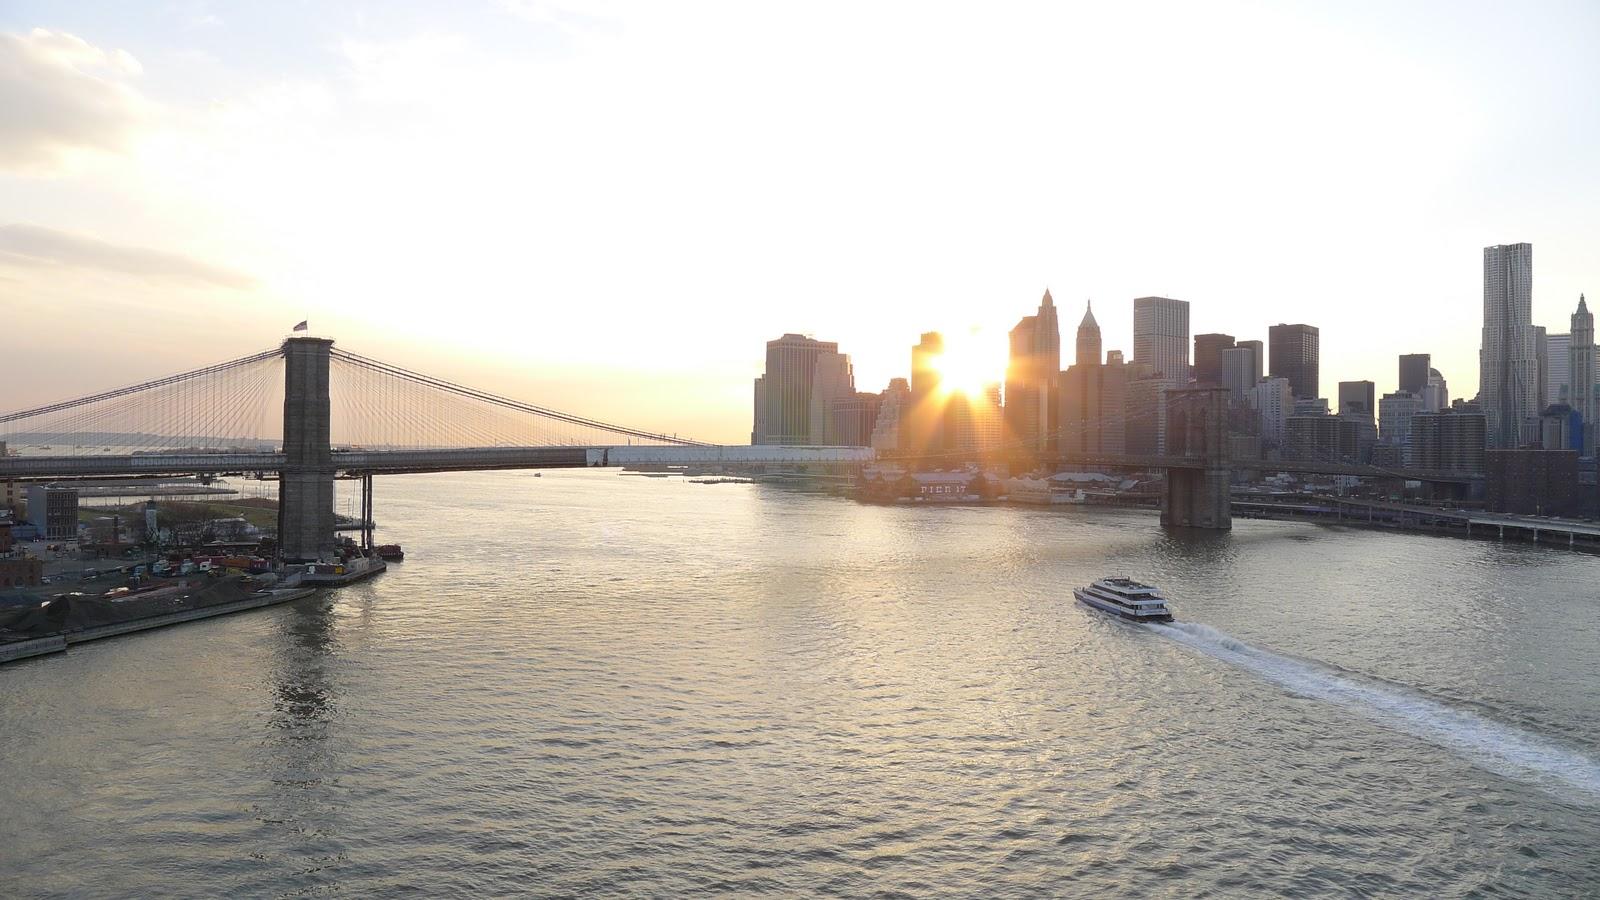 New York City skyline www.mytributejournal.com